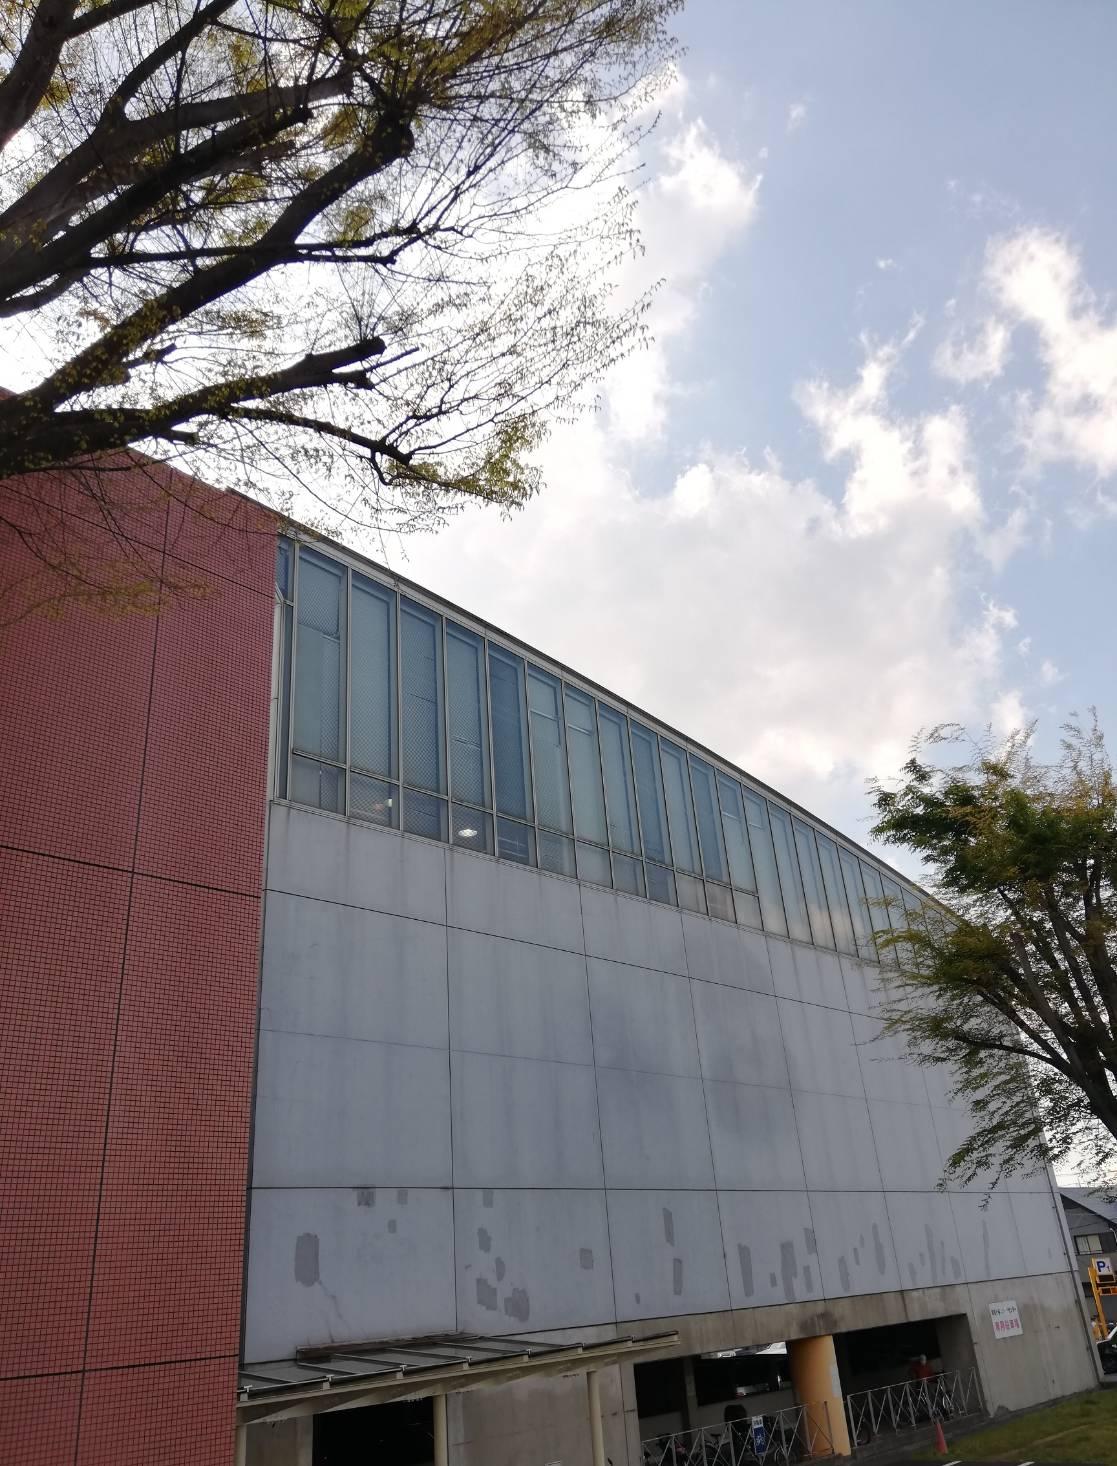 和名ヶ谷スポーツセンター閉鎖